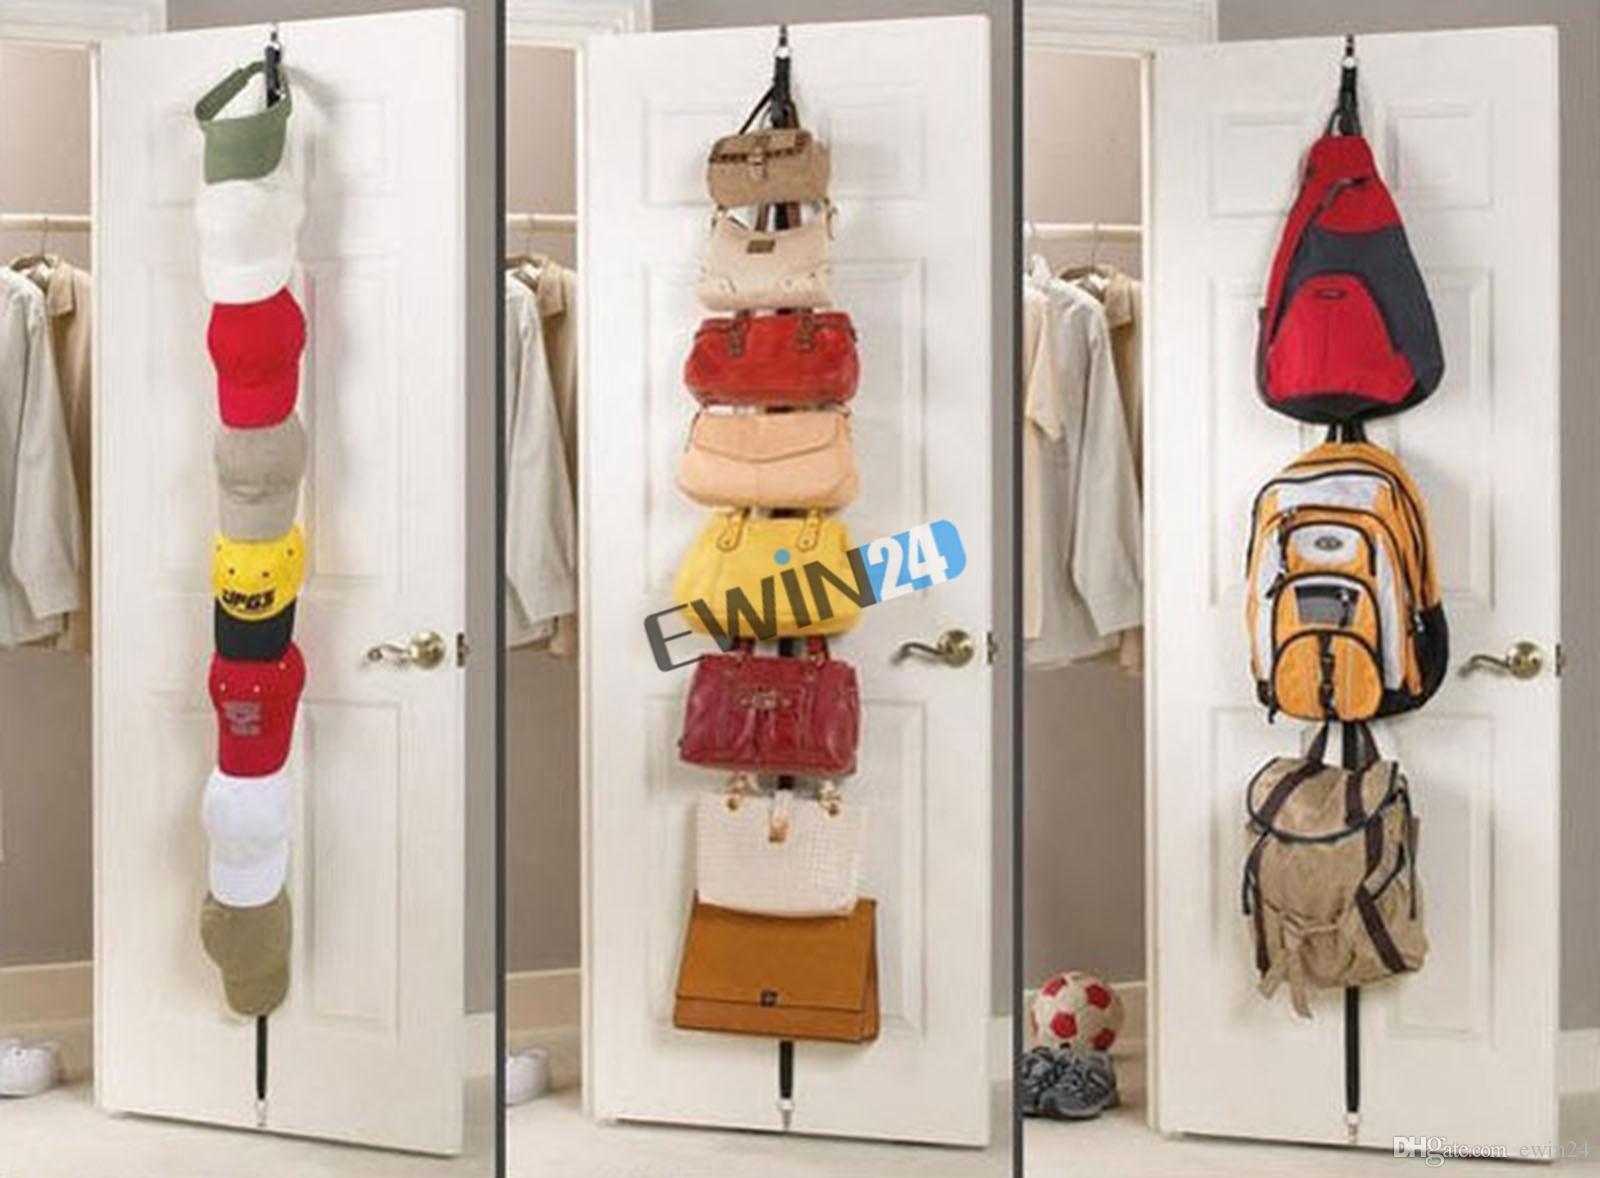 Новый регулируемый над дверными ремнями вешалка шляпа сумка пальто вешалка для одежды организатор 8 крючков 5 шт.